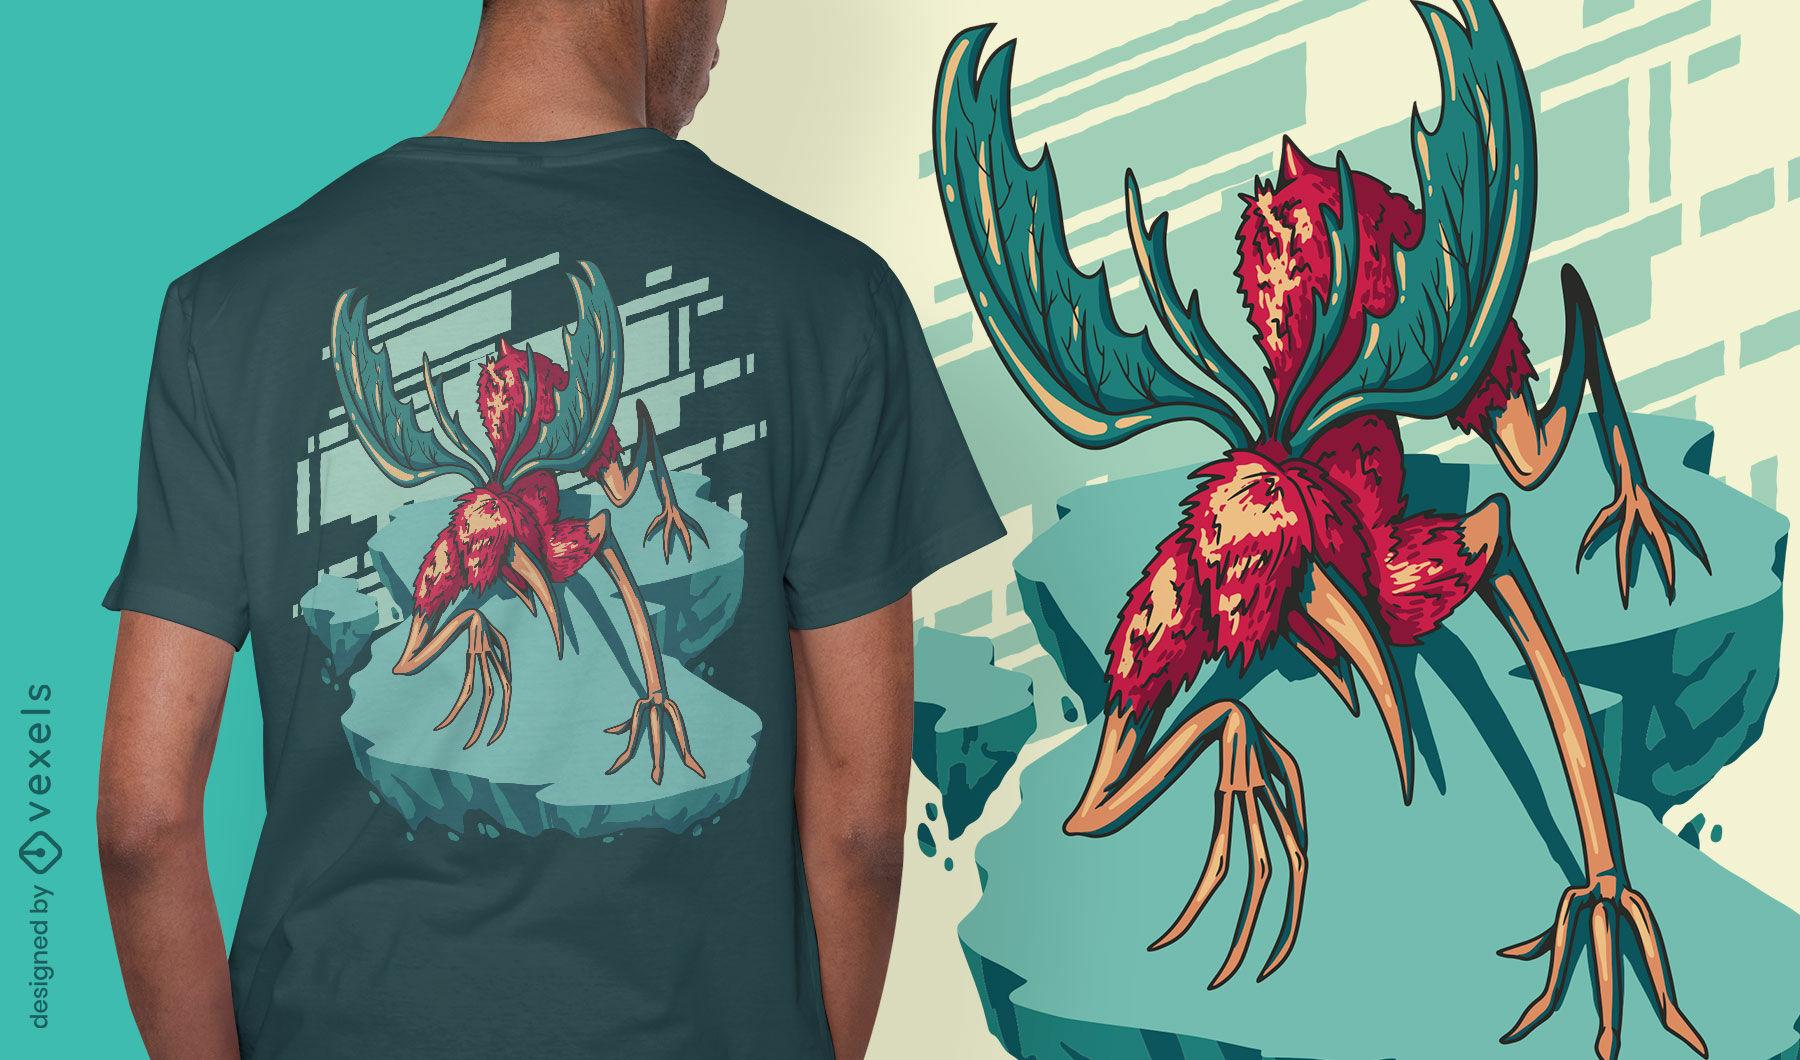 Flying nightmare monster t-shirt design